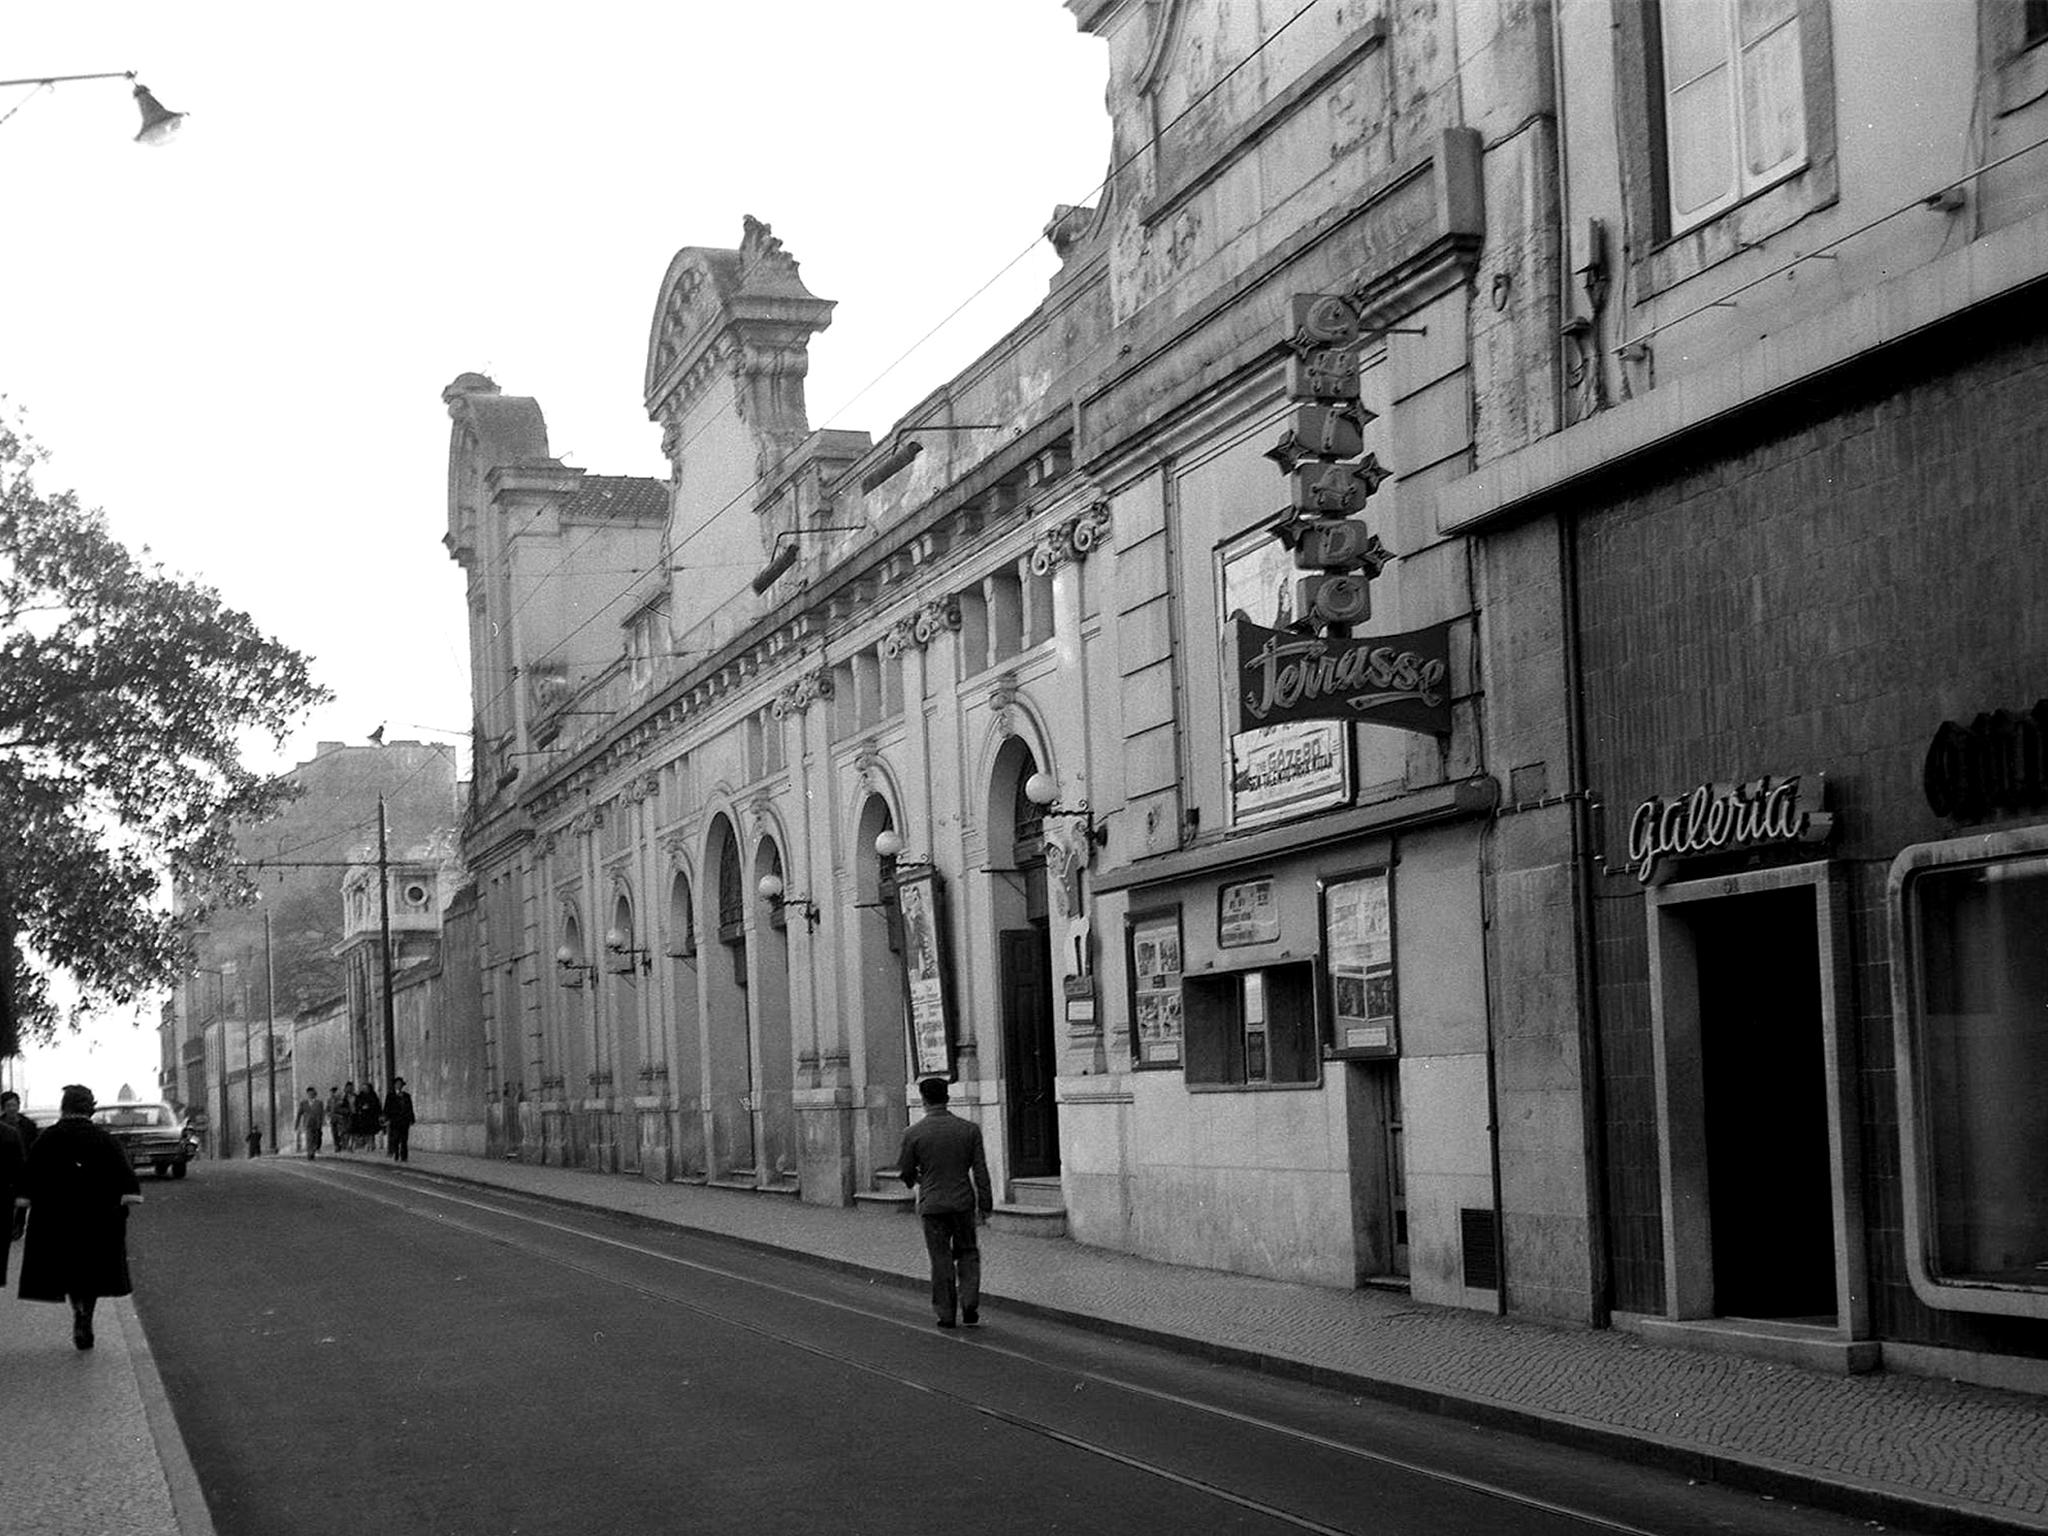 O Pátio das Antigas: O cinema fino do Chiado